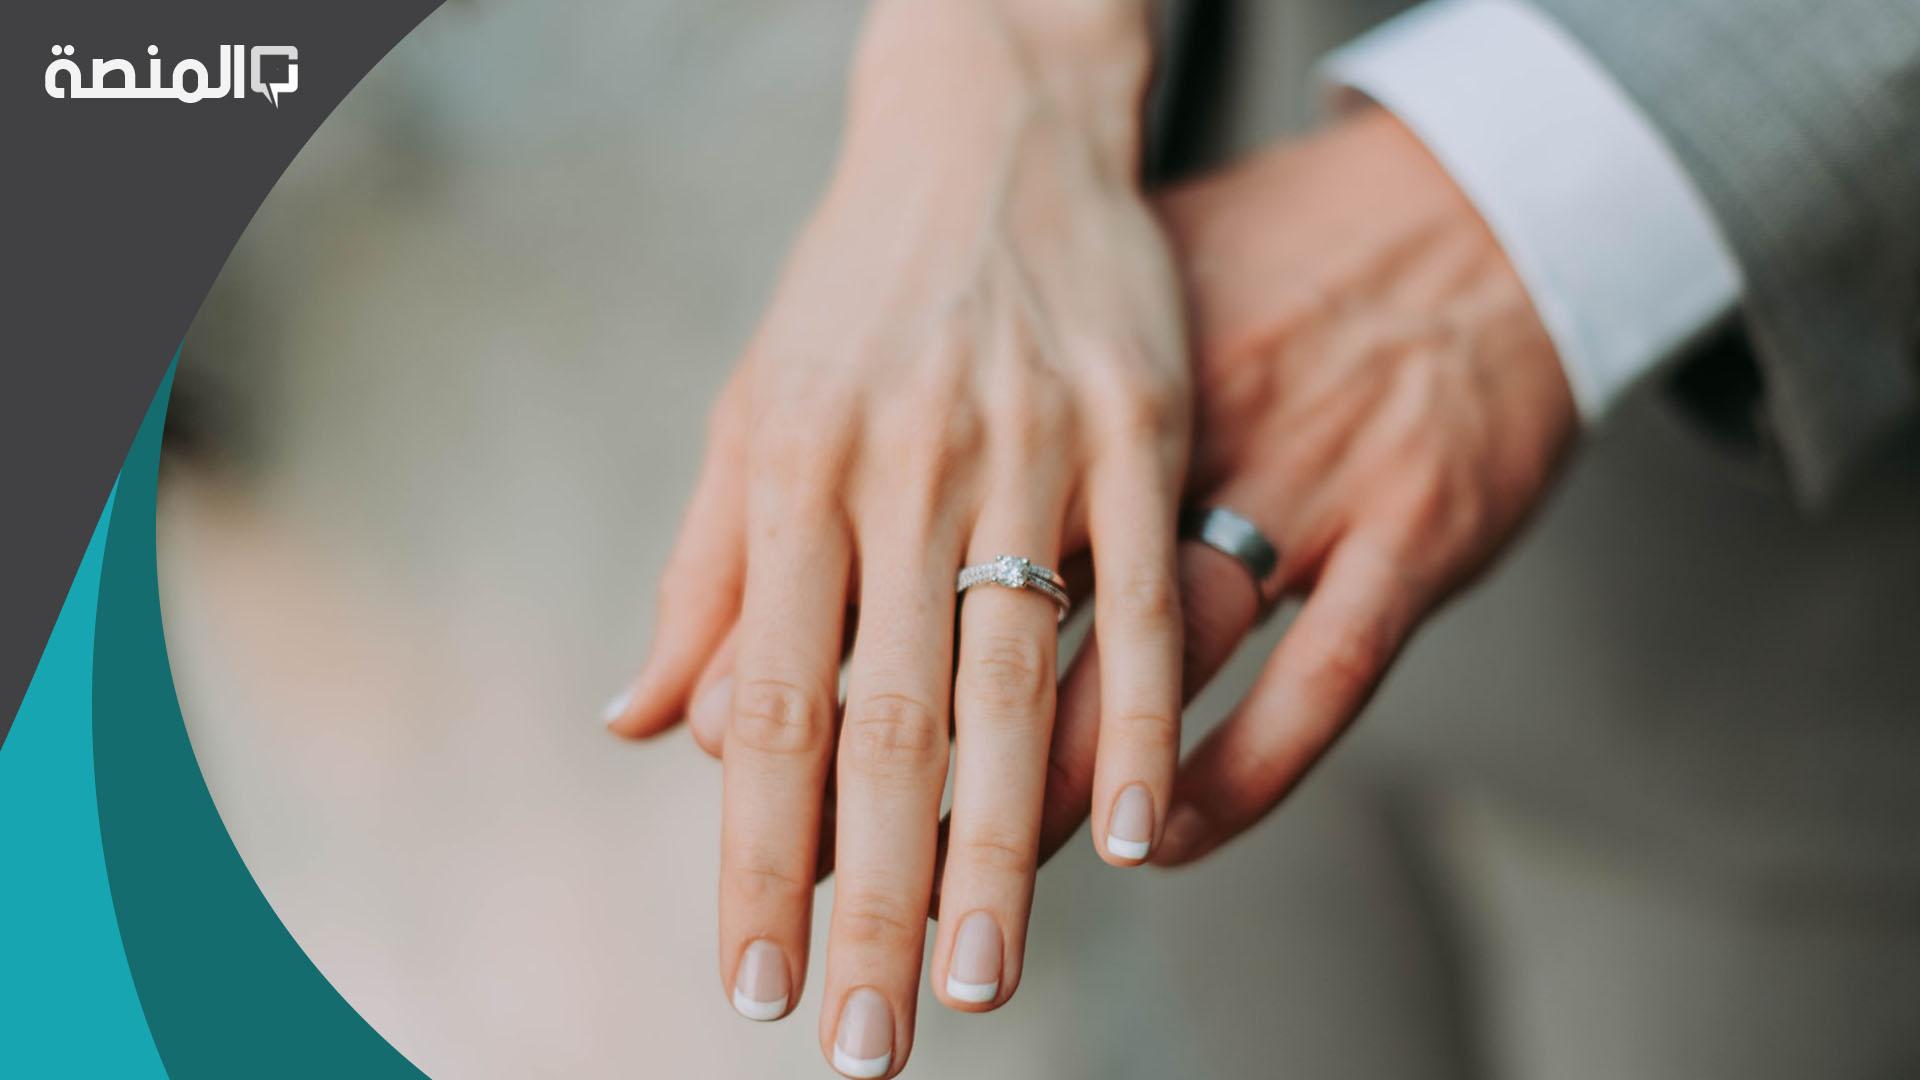 افكار هدية زواج صديقتي المقربة المنصة